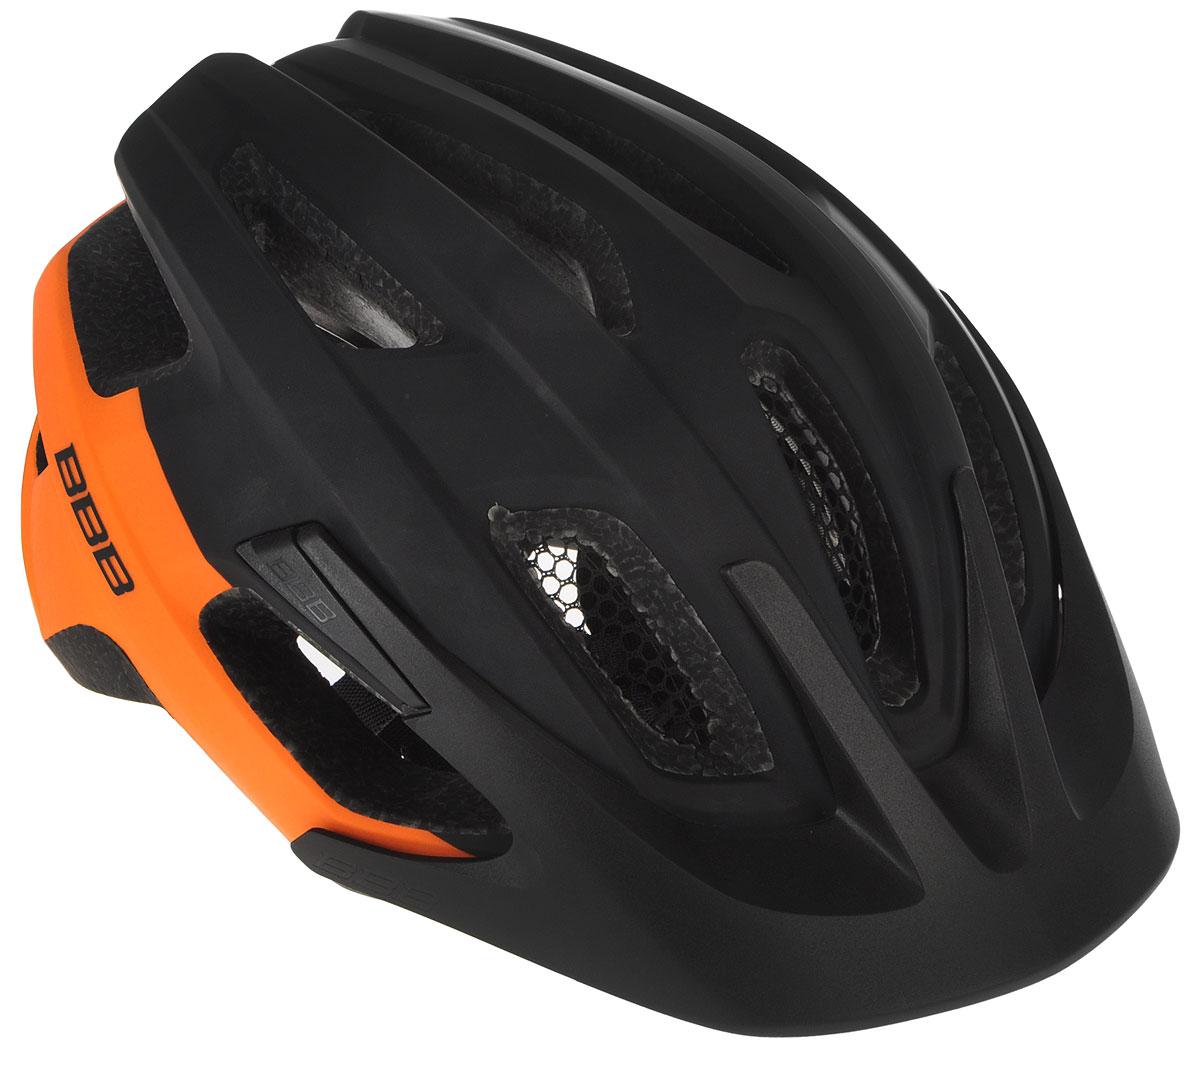 Шлем летний BBB Kite, со съмным козырьком, цвет: черный, оранжевый. Размер MBHE-29Шлем BBB Kite, предназначенный для велосипедистов, скейтбордистов и роллеров, снабжен настраиваемыми ремешками для максимально комфортной посадки. Система TwistClose - позволяет настроить шлем одной рукой. Увеличенное количество вентиляционных отверстий гарантирует отличную циркуляцию воздуха на разных скоростях движения при сохранении жесткости, а отверстия для вентиляции в задней части шлема предназначены для оптимального распределения потока воздуха. Шлем оснащен съемными мягкими накладками с антибактериальными свойствами и съемным козырьком. Внутренняя часть изделия изготовлена из пенополистирола. Ее роль заключается в рассеивании энергии при ударе, а низкопрофильная конструкция обеспечивает дополнительную защиту наиболее уязвимых участков головы. Фронтальные отверстия изделия прикрыты мелкой сеткой для защиты от насекомых. Верхняя часть шлема, выполненная из прочного пластика, препятствует разрушению изделия, защищает его от прокола и позволять ему скользить при ударах.Шлем имеет светоотражающие наклейки и 14 вентиляционных отверстий, которые делают катание максимально комфортным.Размер: M.Обхват головы: 55-58 см.Гид по велоаксессуарам. Статья OZON Гид